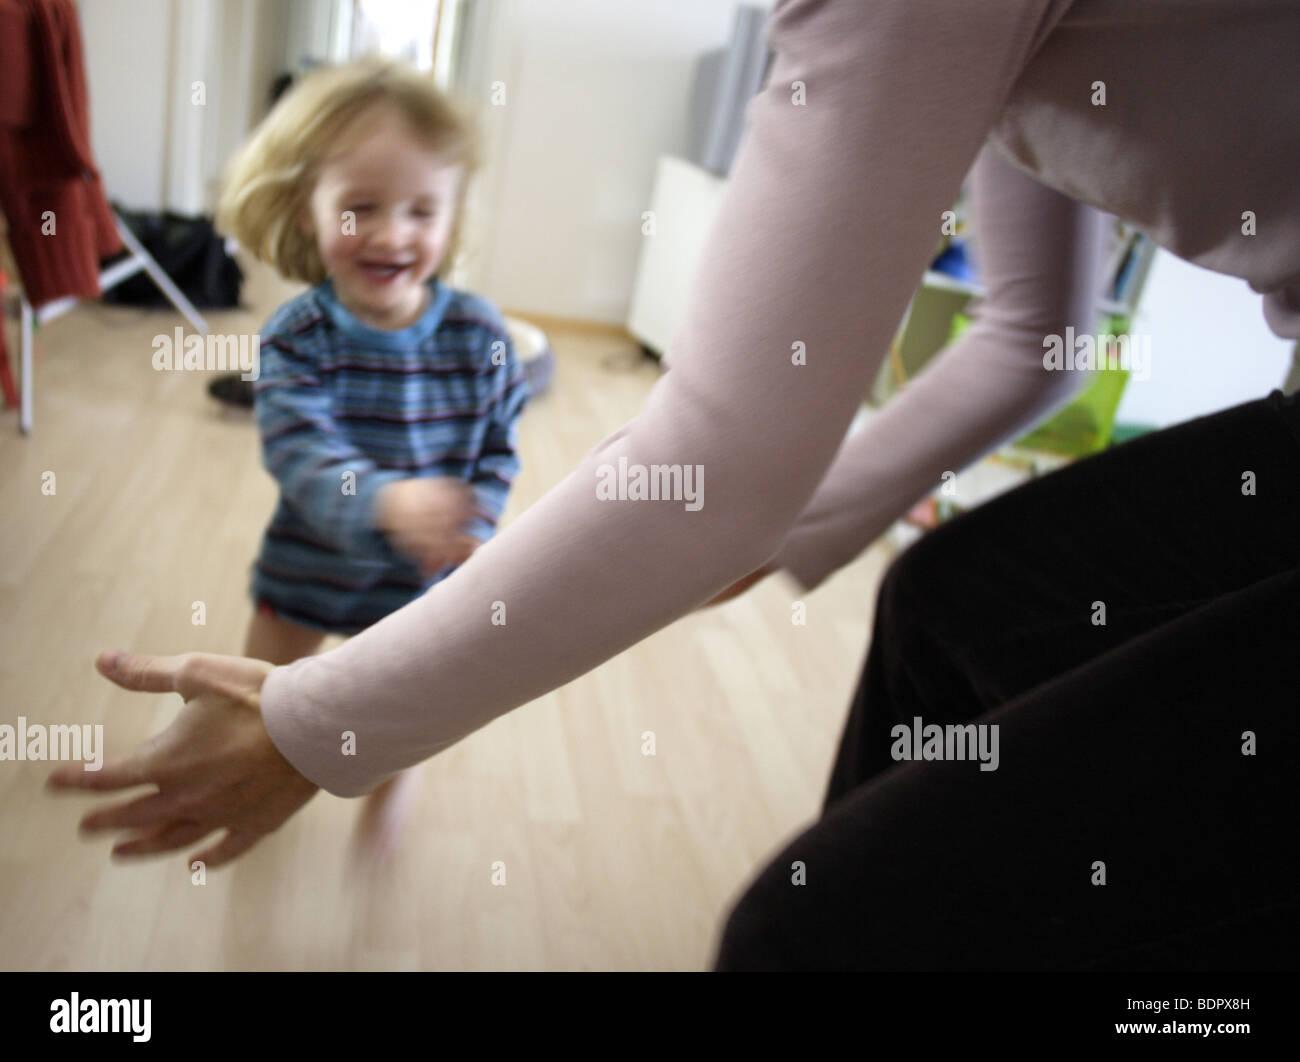 Mutter mit Kleinkind - Stock Image